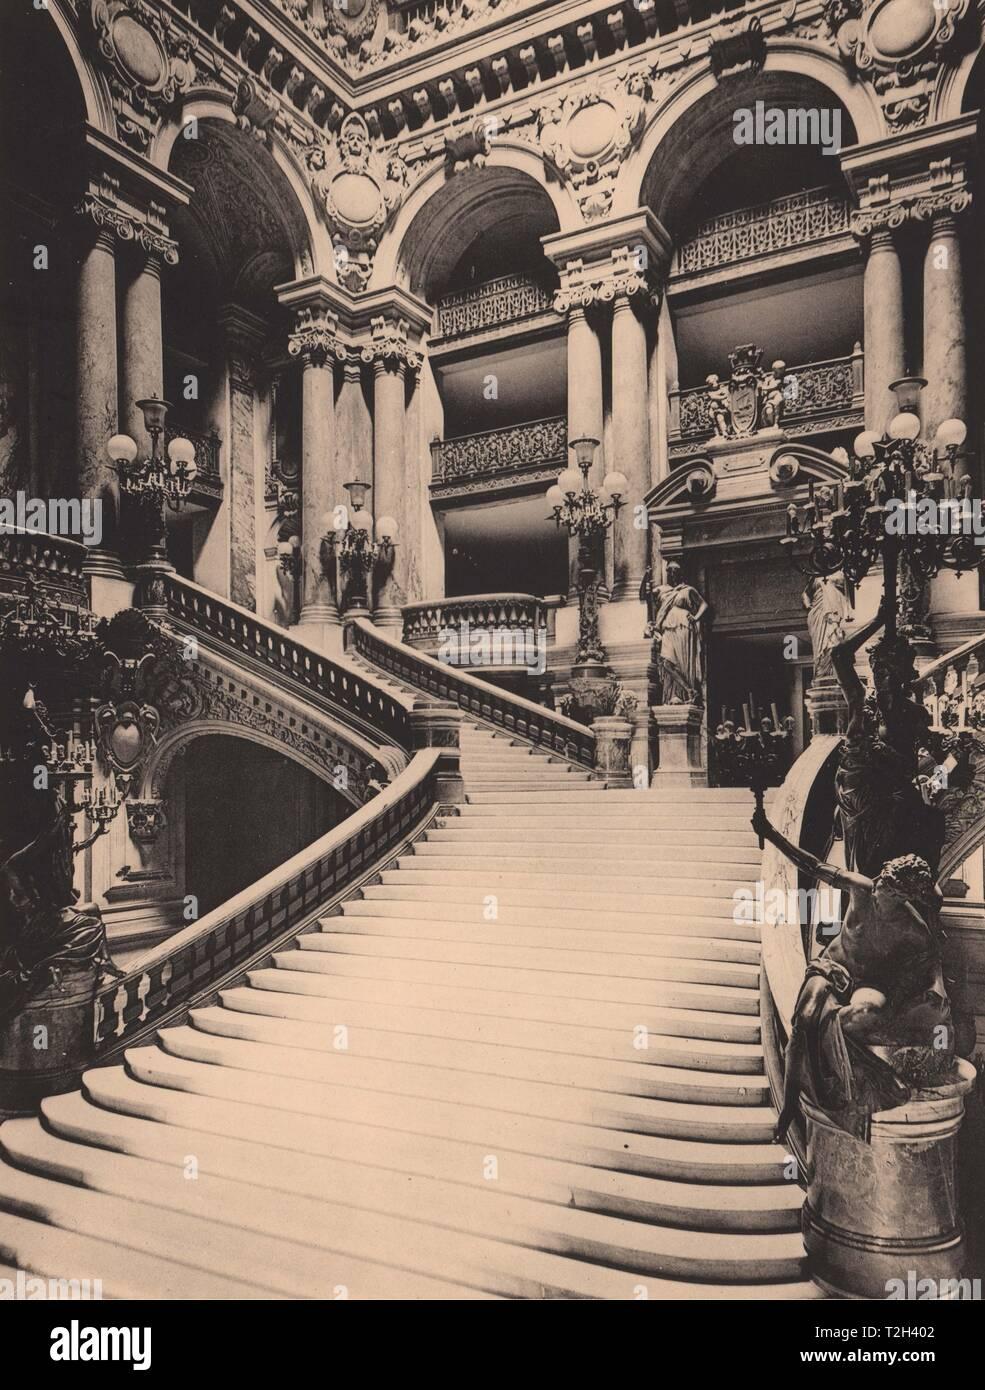 Intérieur de l'Opéra - Le grand Escalier Stock Photo